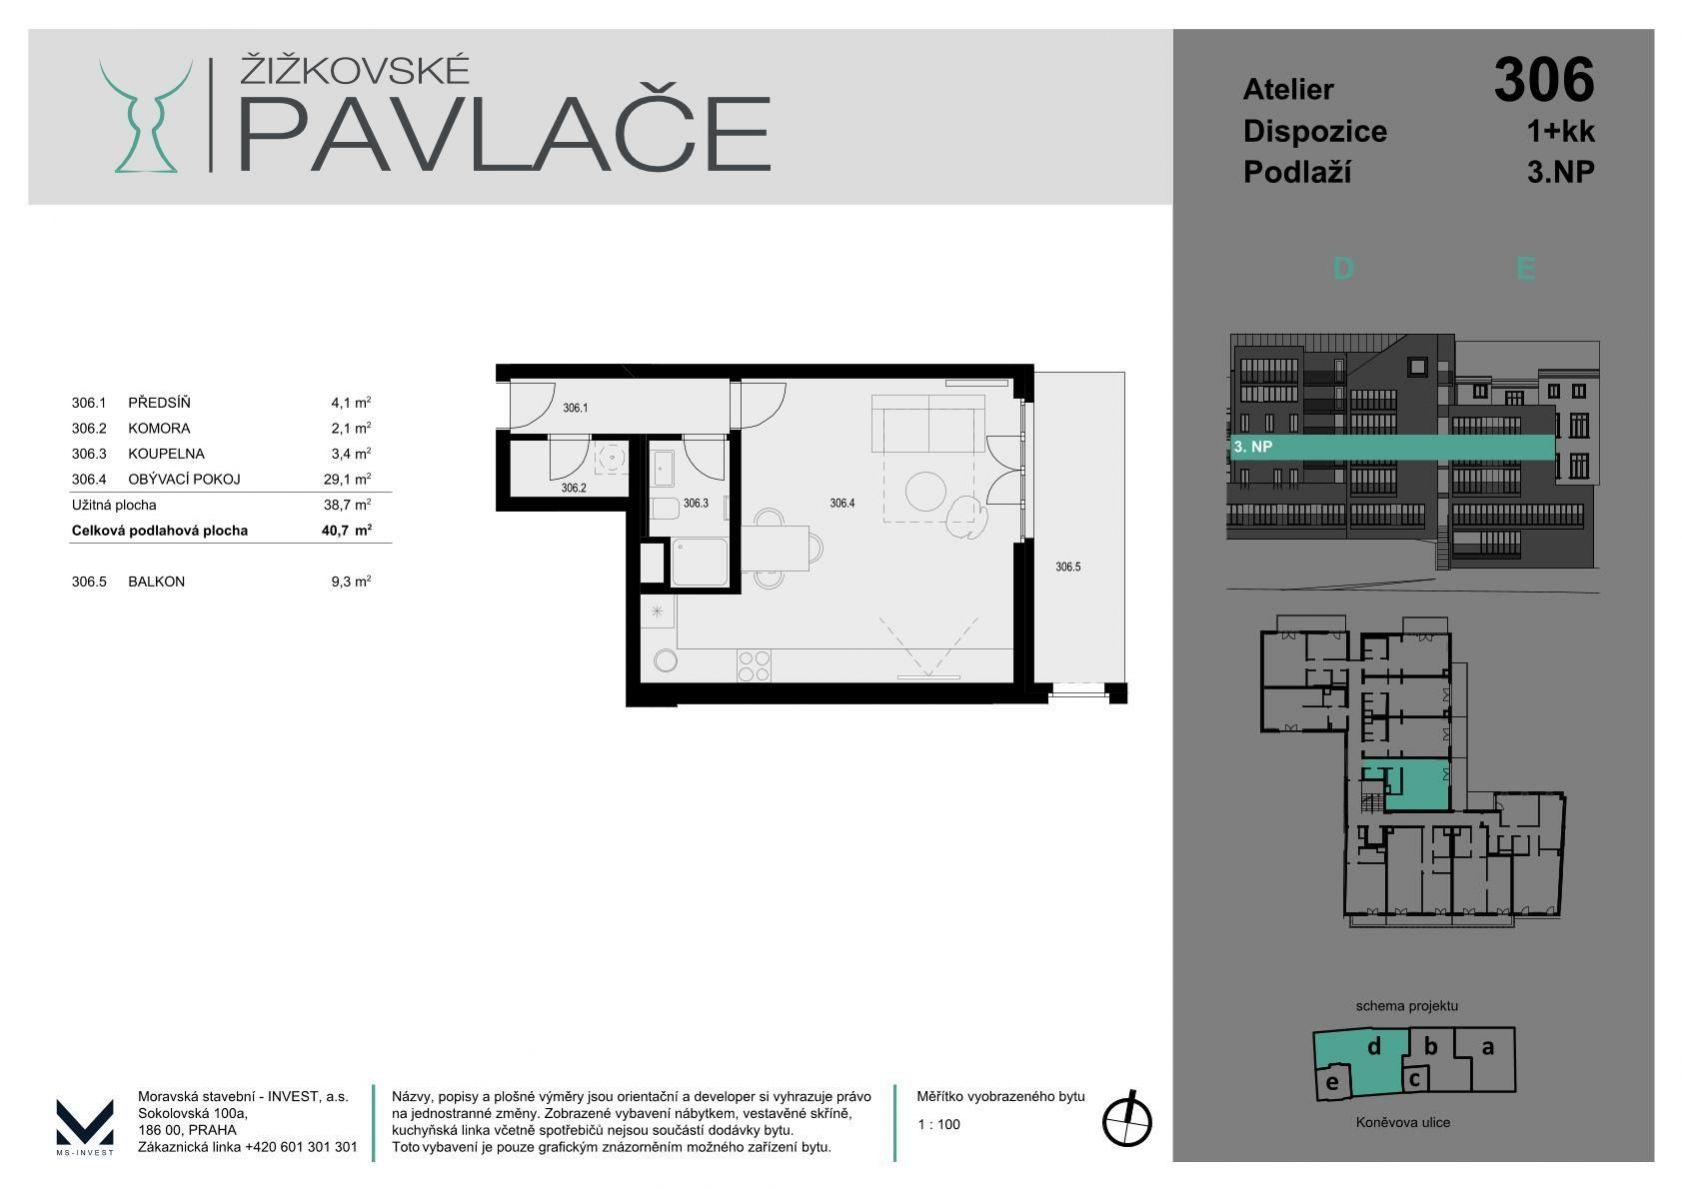 Novostavba ateliéru s balkonem, 41+9 m2 v rezidenci Žižkovské pavlače, Praha 3